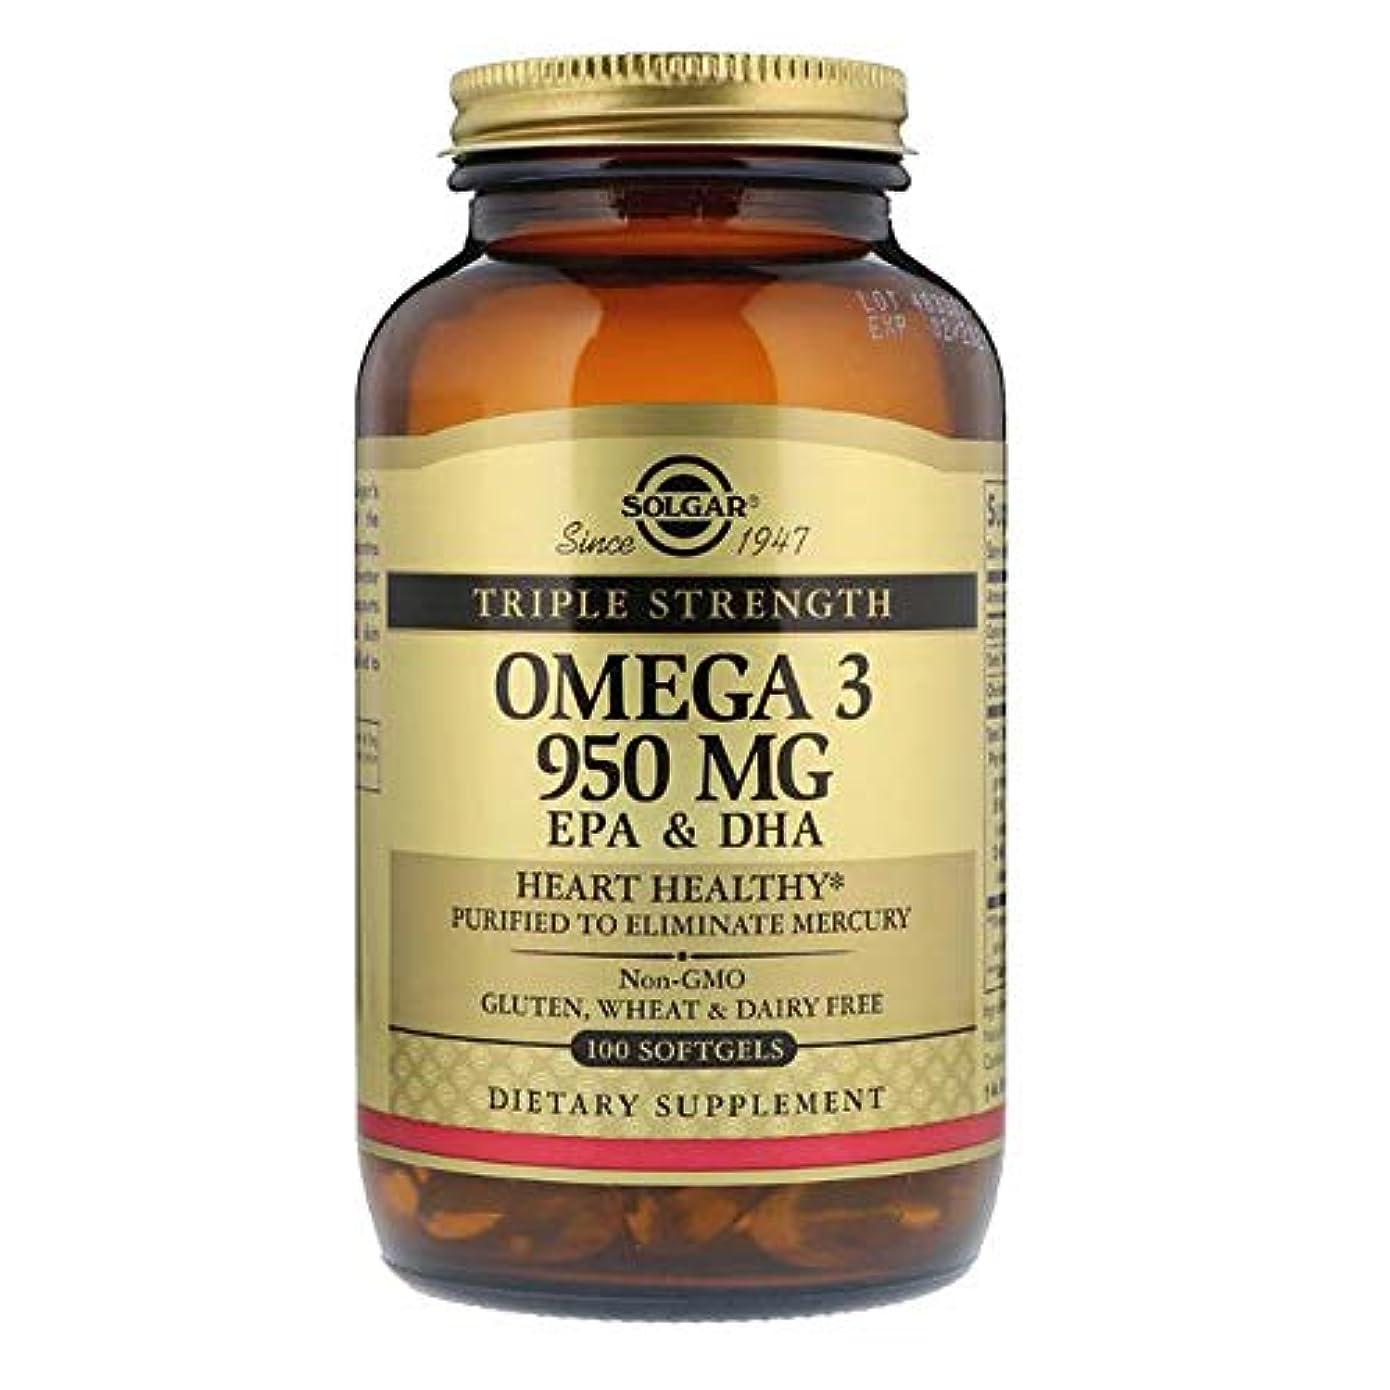 フェデレーション立法急速なSolgar オメガ 3 EPA DHA トリプルストレングス 950mg 100ソフトジェル 【アメリカ直送】